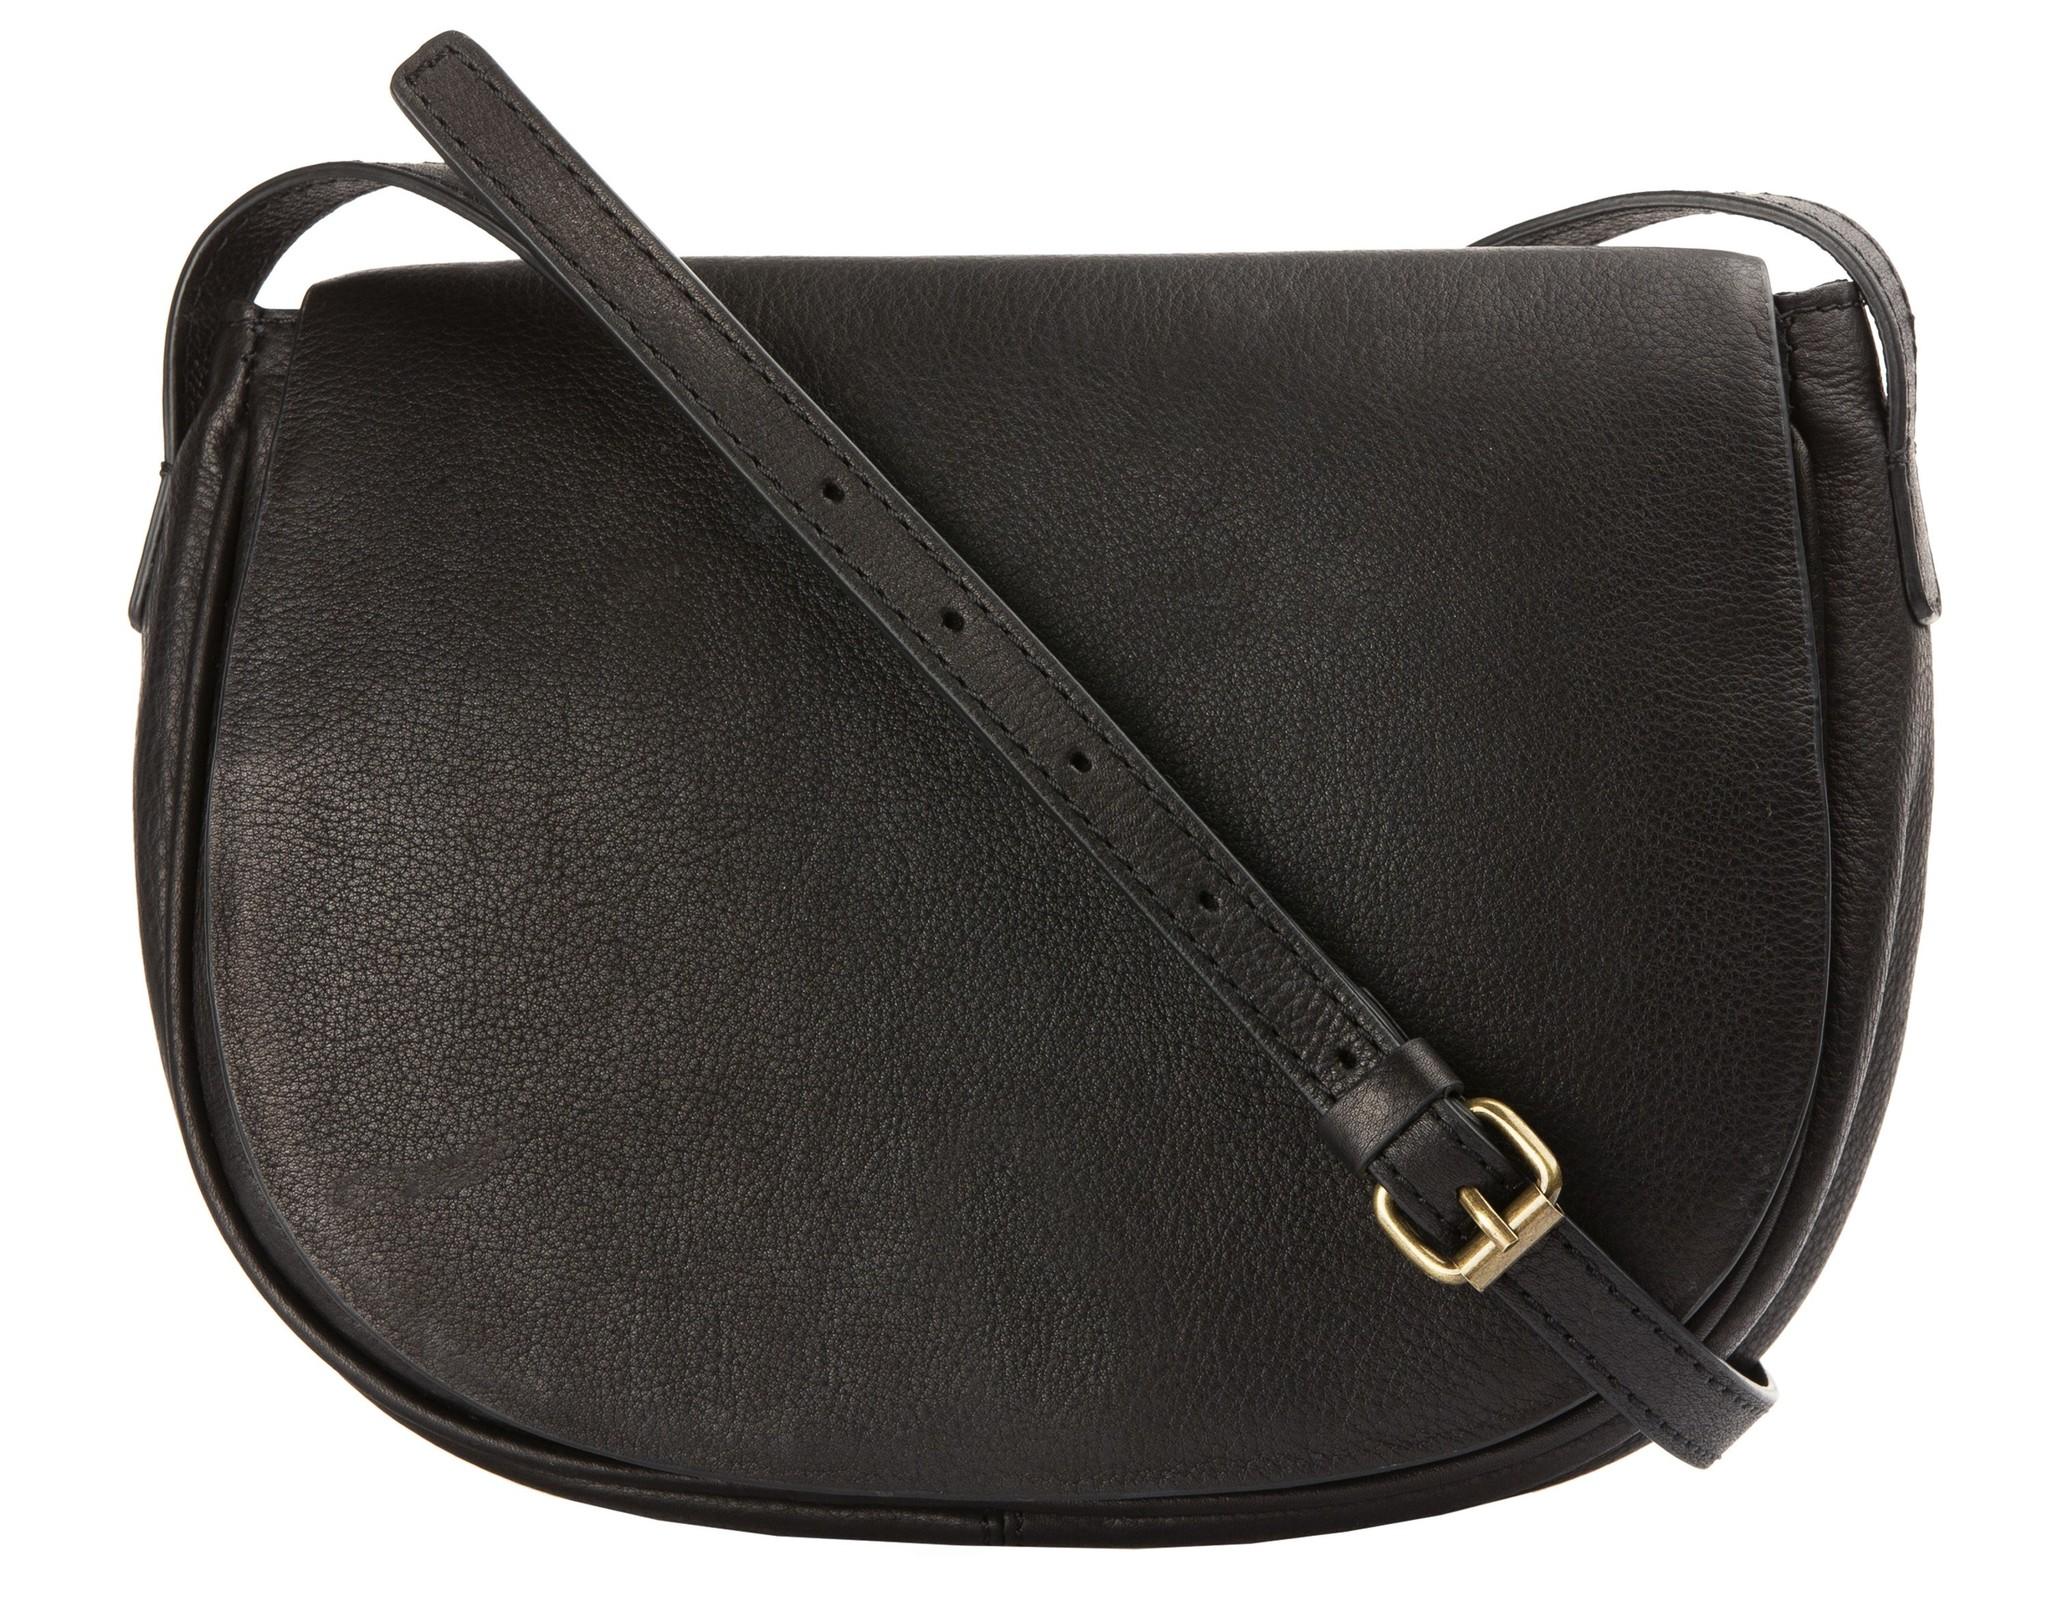 Tas Paris leather black-1